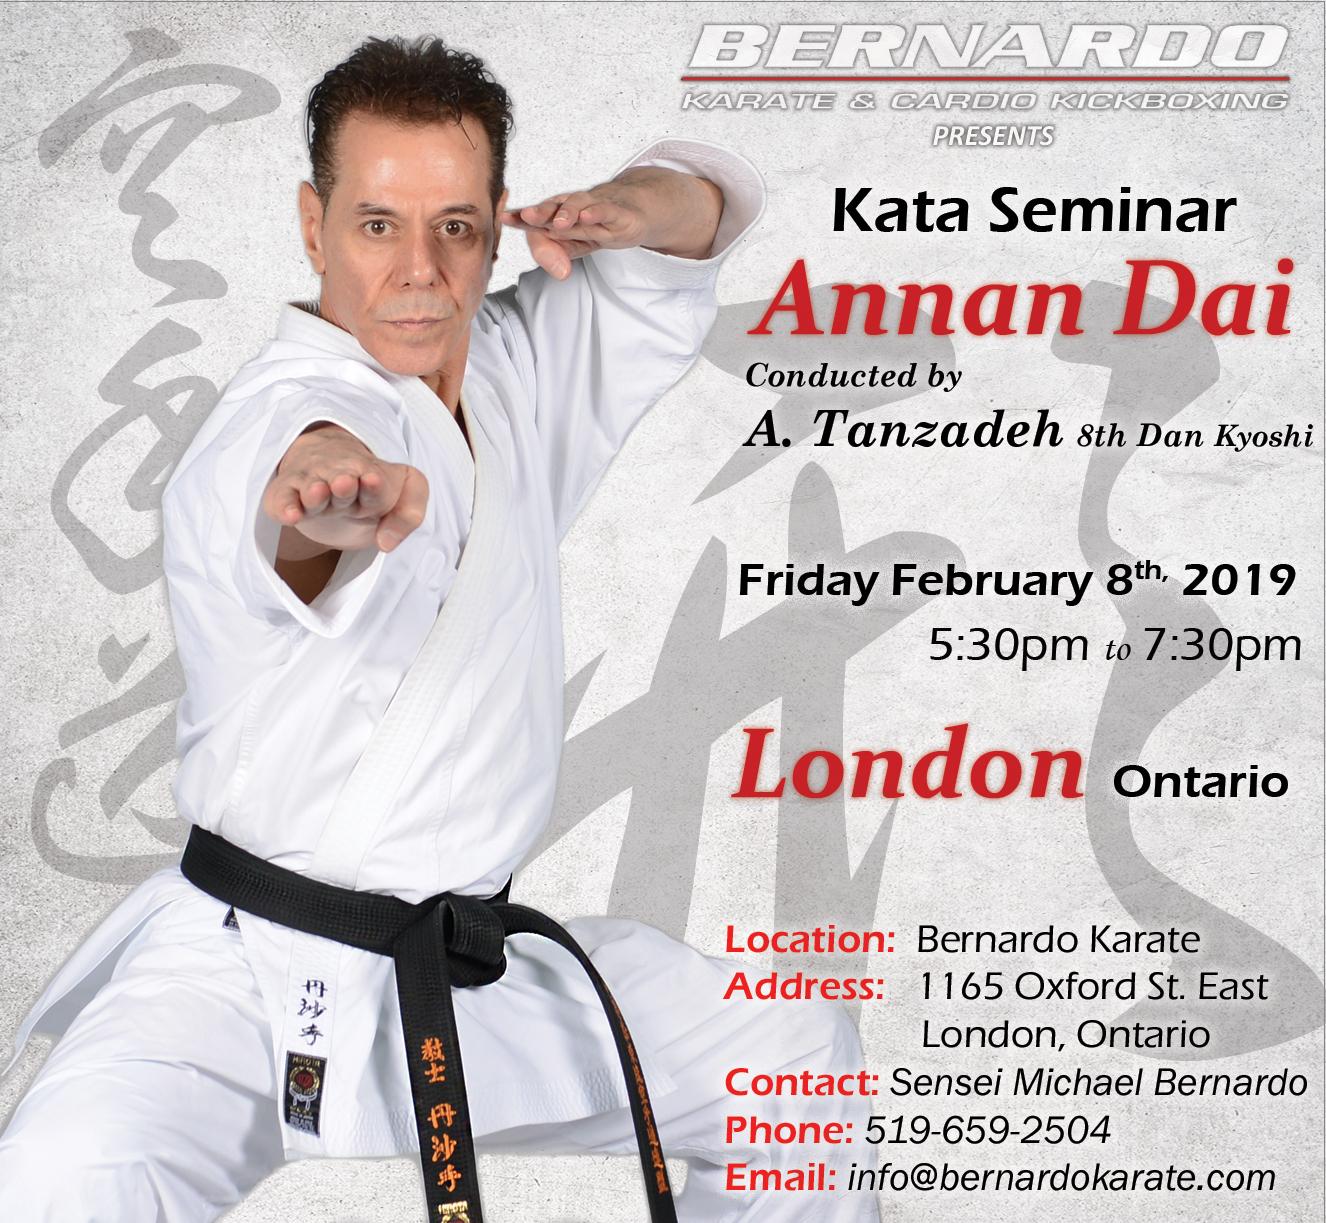 Sensei-Tanzadeh-Shitoryu-Karate-8th-Dan-Kata-Seminar